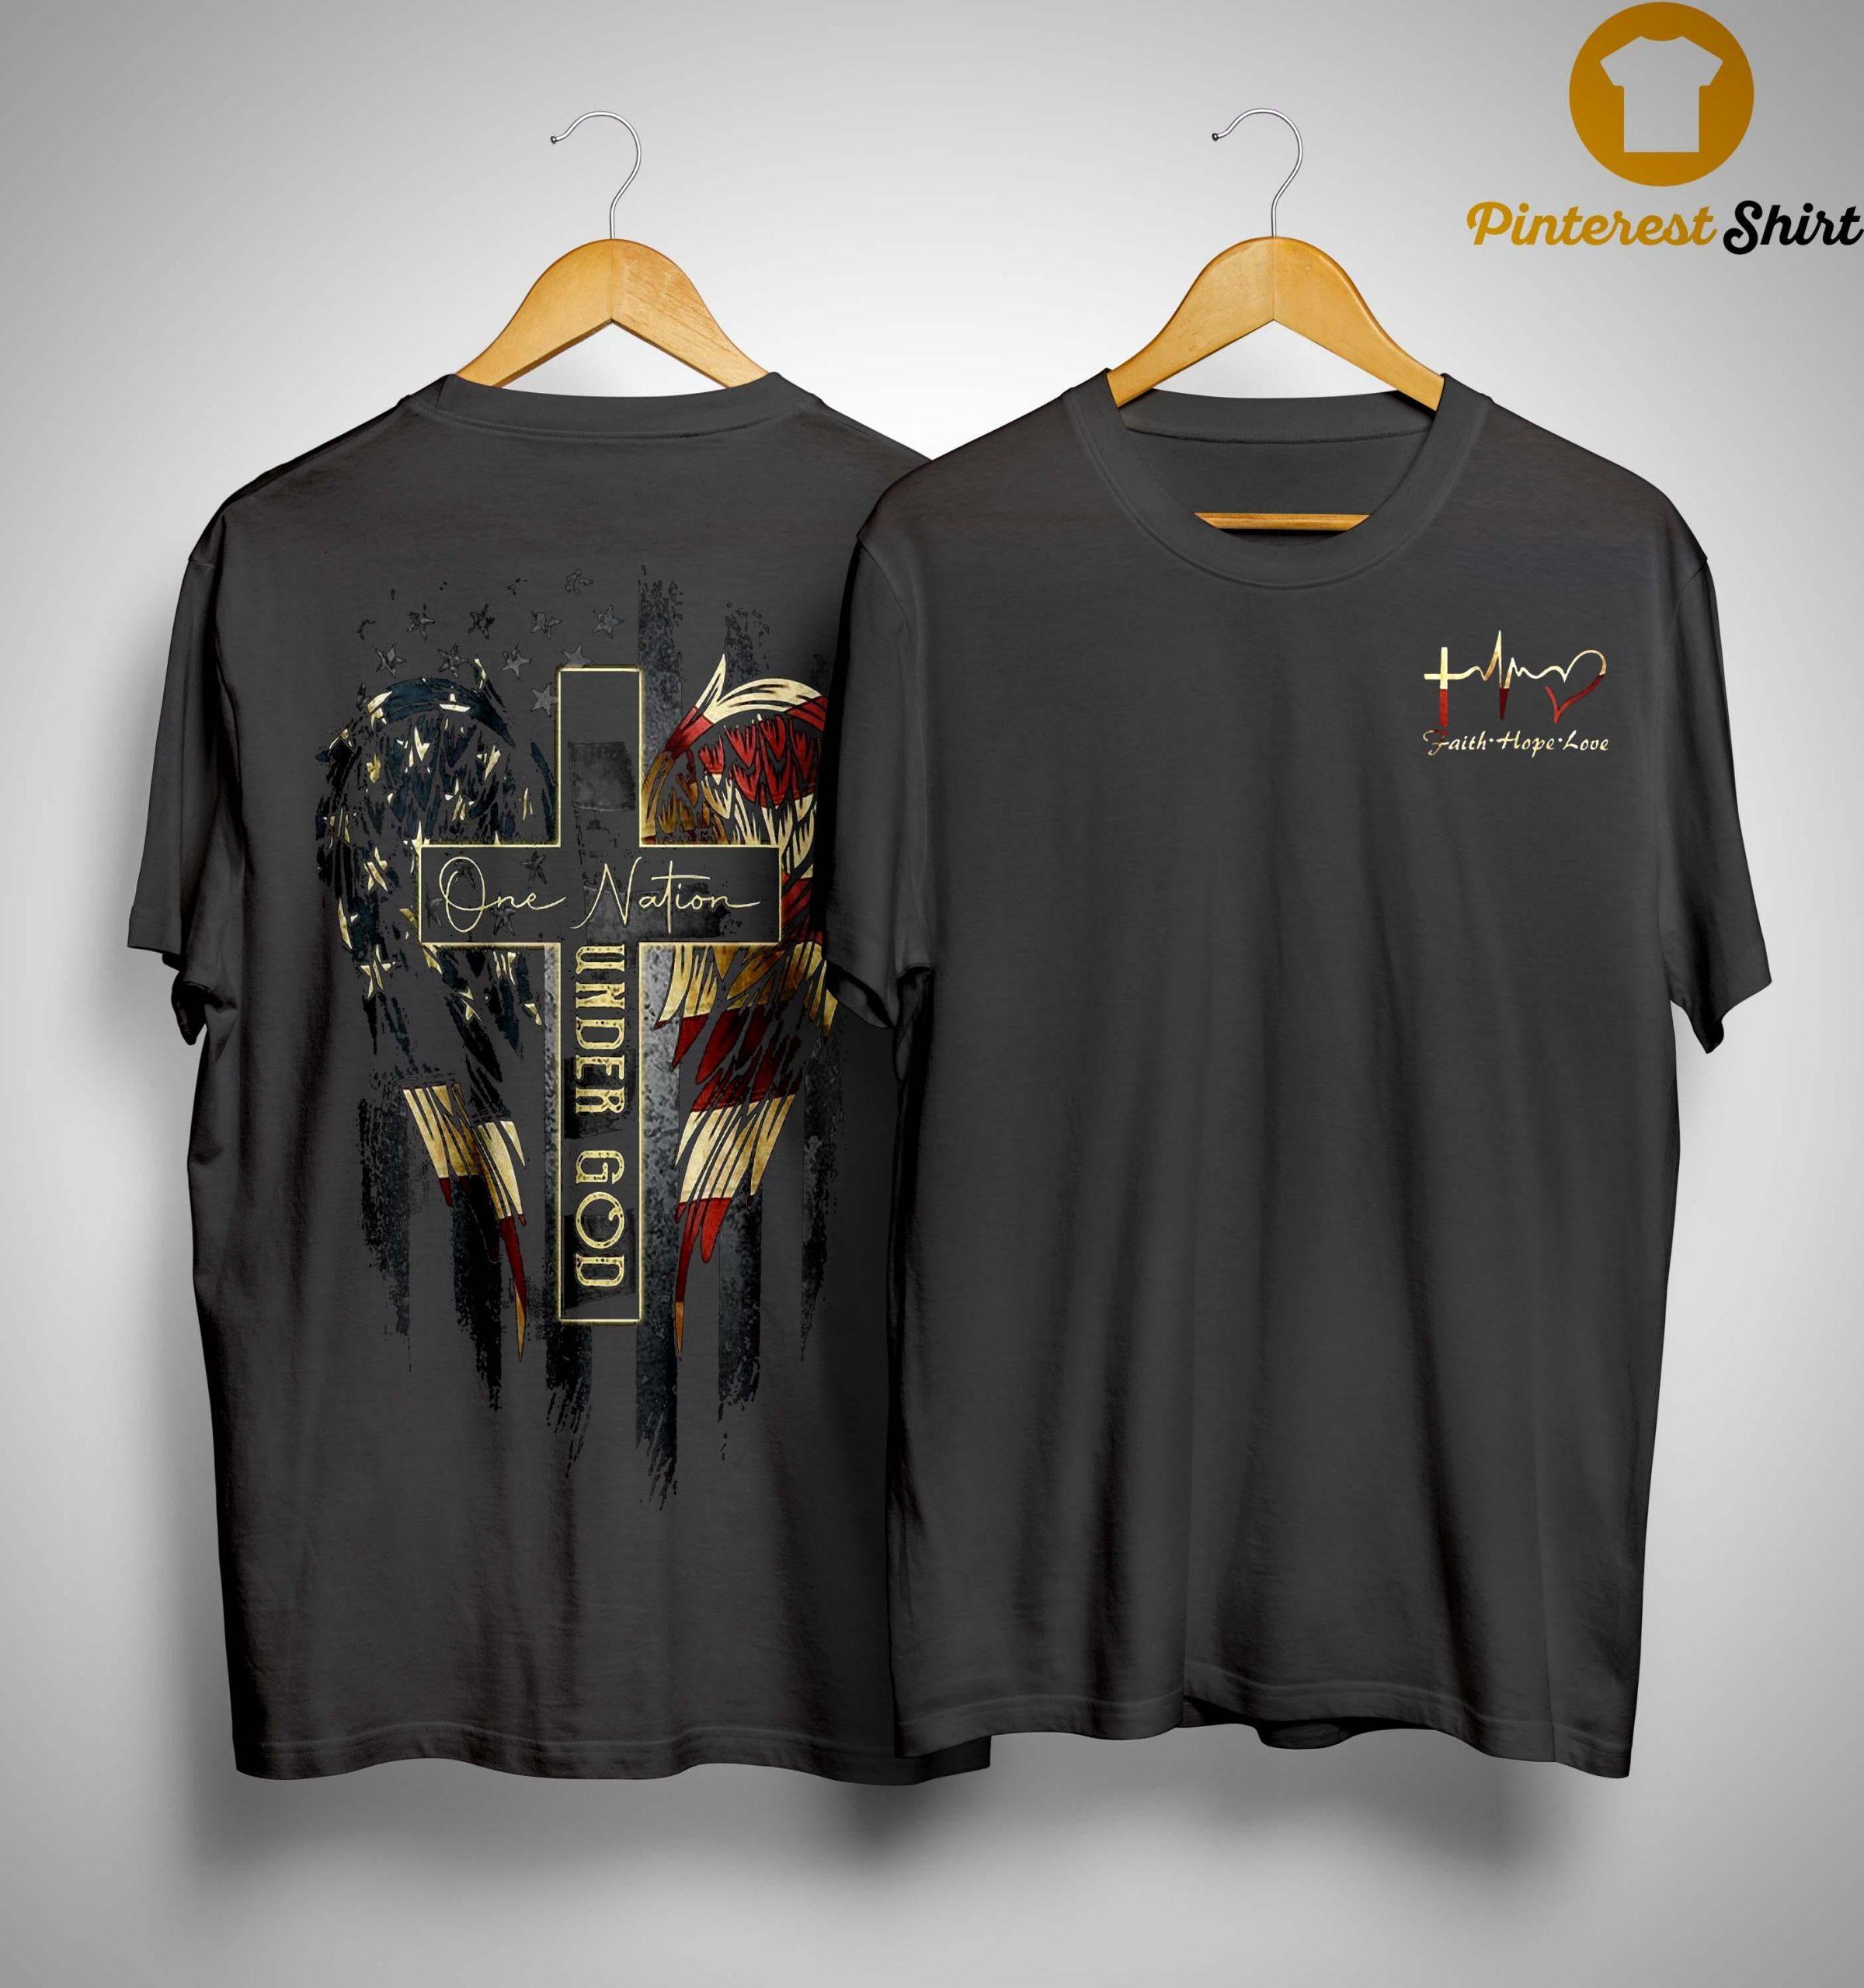 Faith Hope Love One Nation Under God Shirt